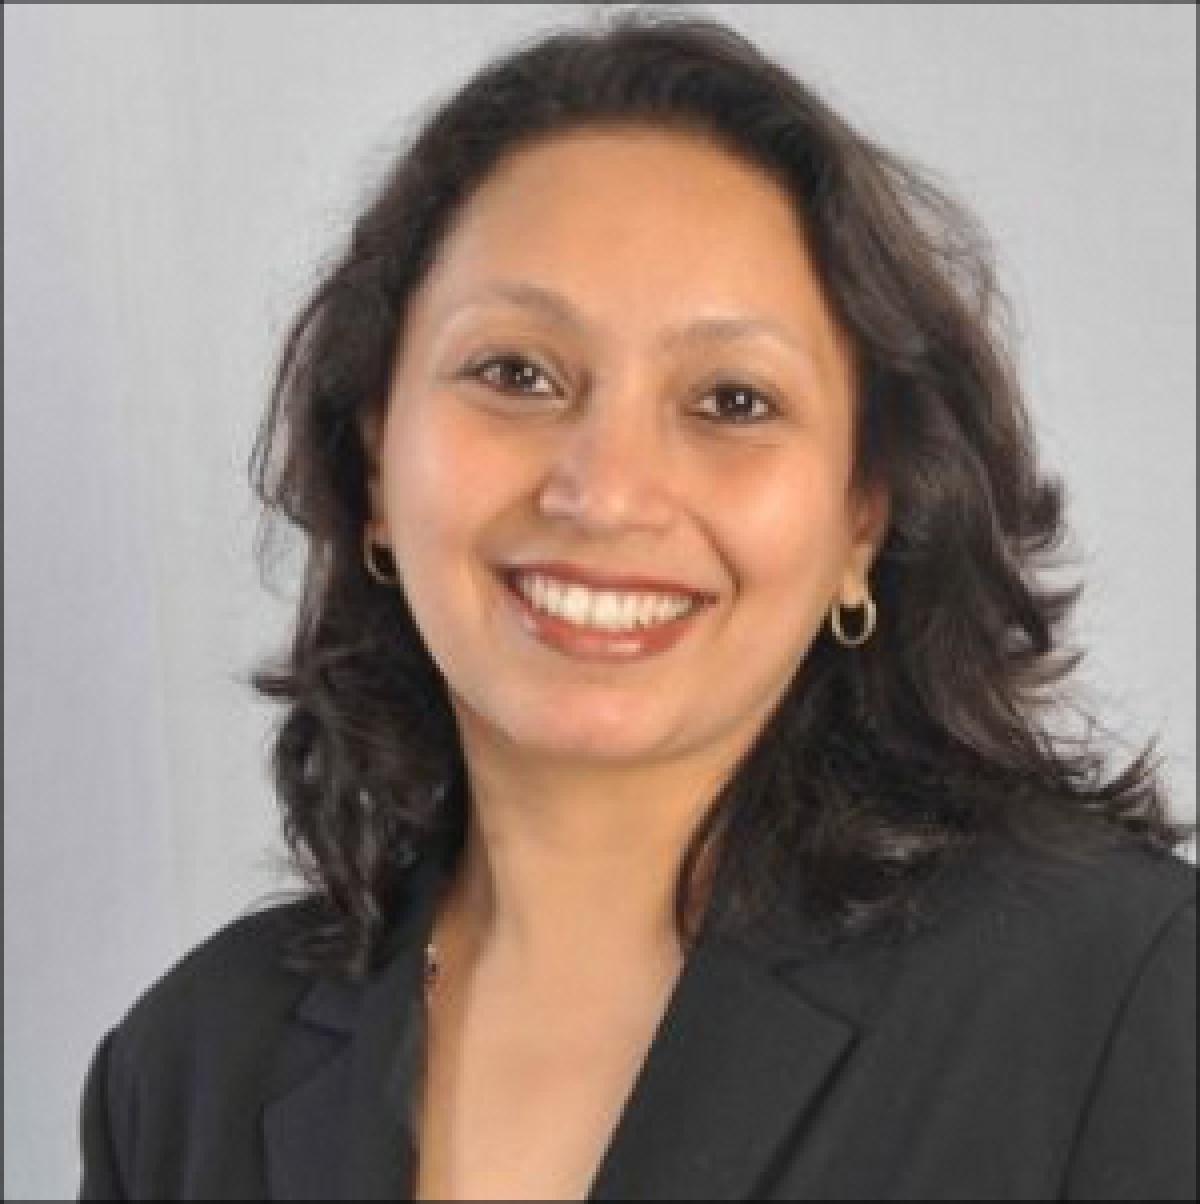 Former HUL, Pepsico hand Ruchira Jaitly is Nokia's new CMO